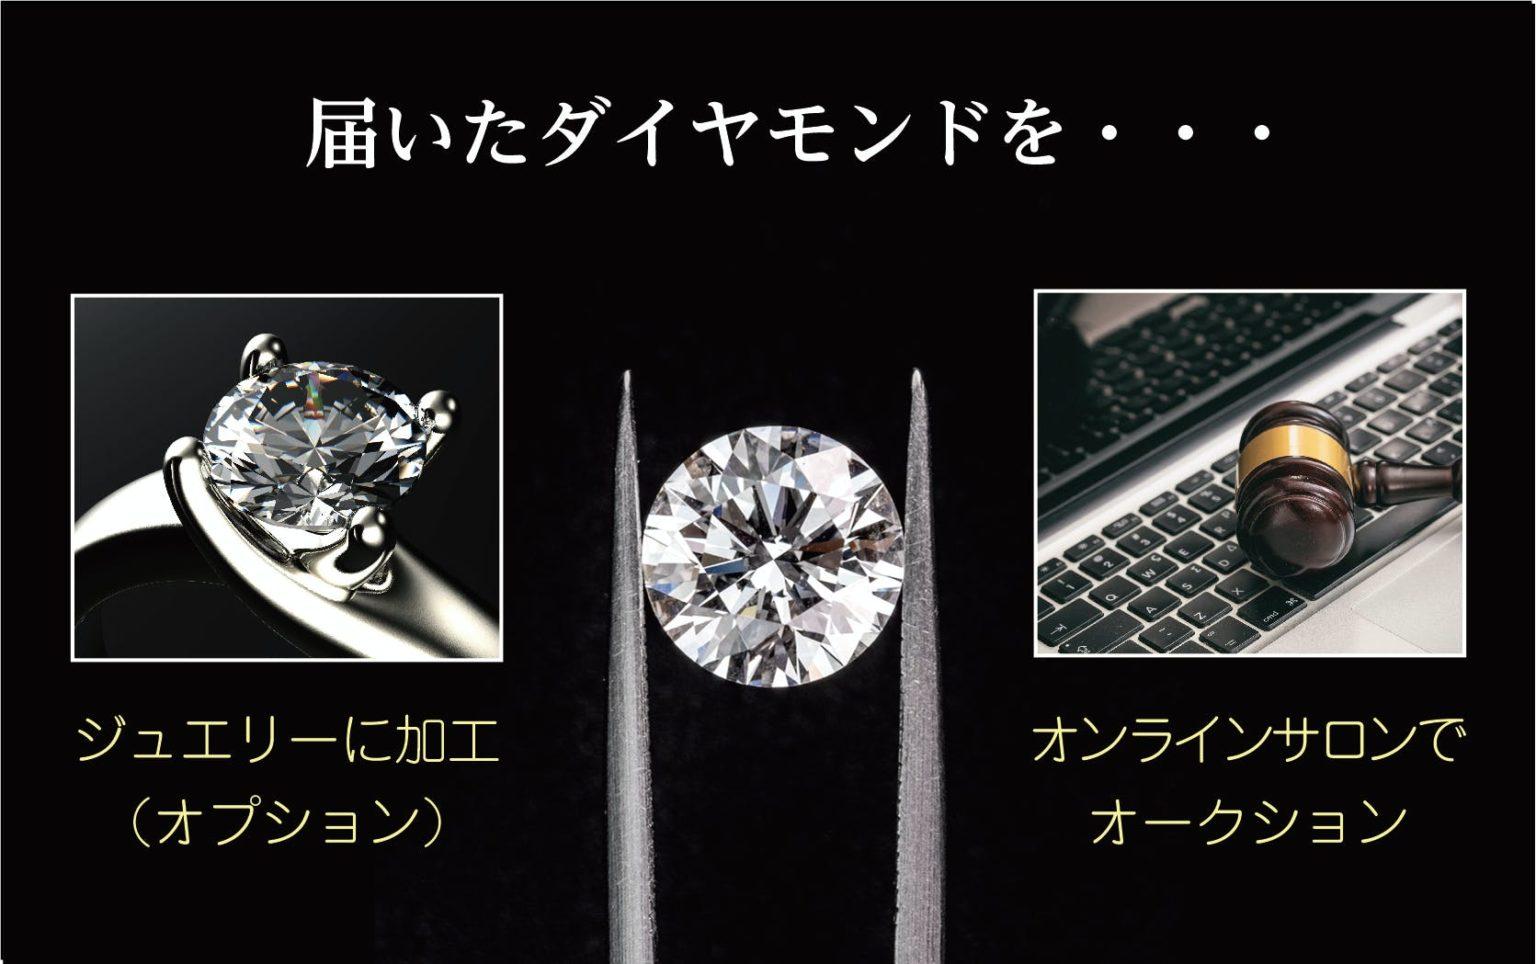 ダイヤモンド資産